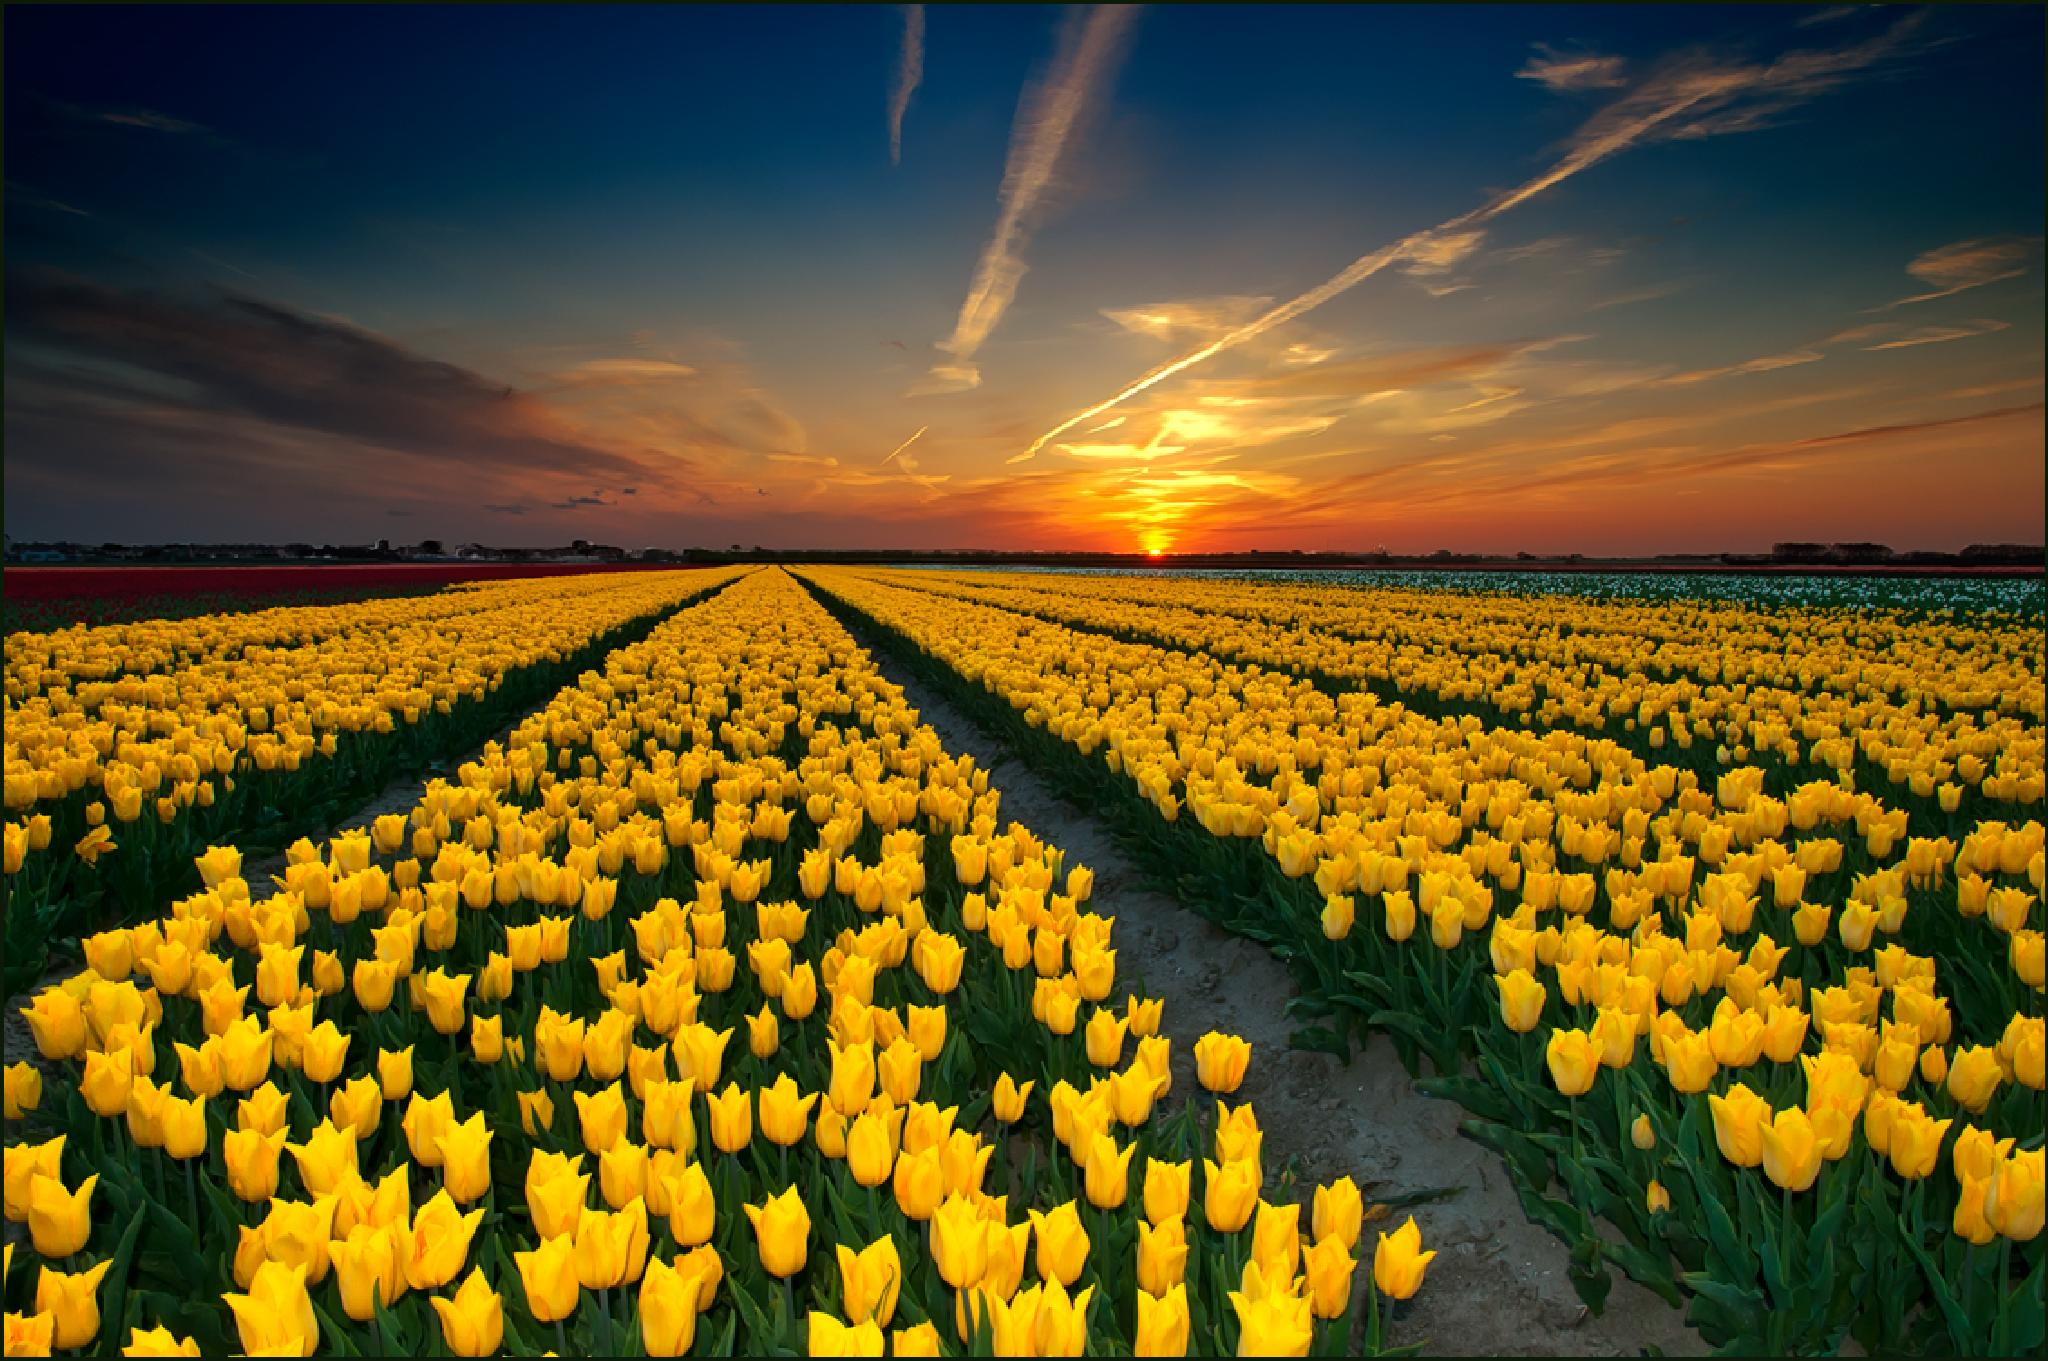 Tulips  by ellen.driessepladdet